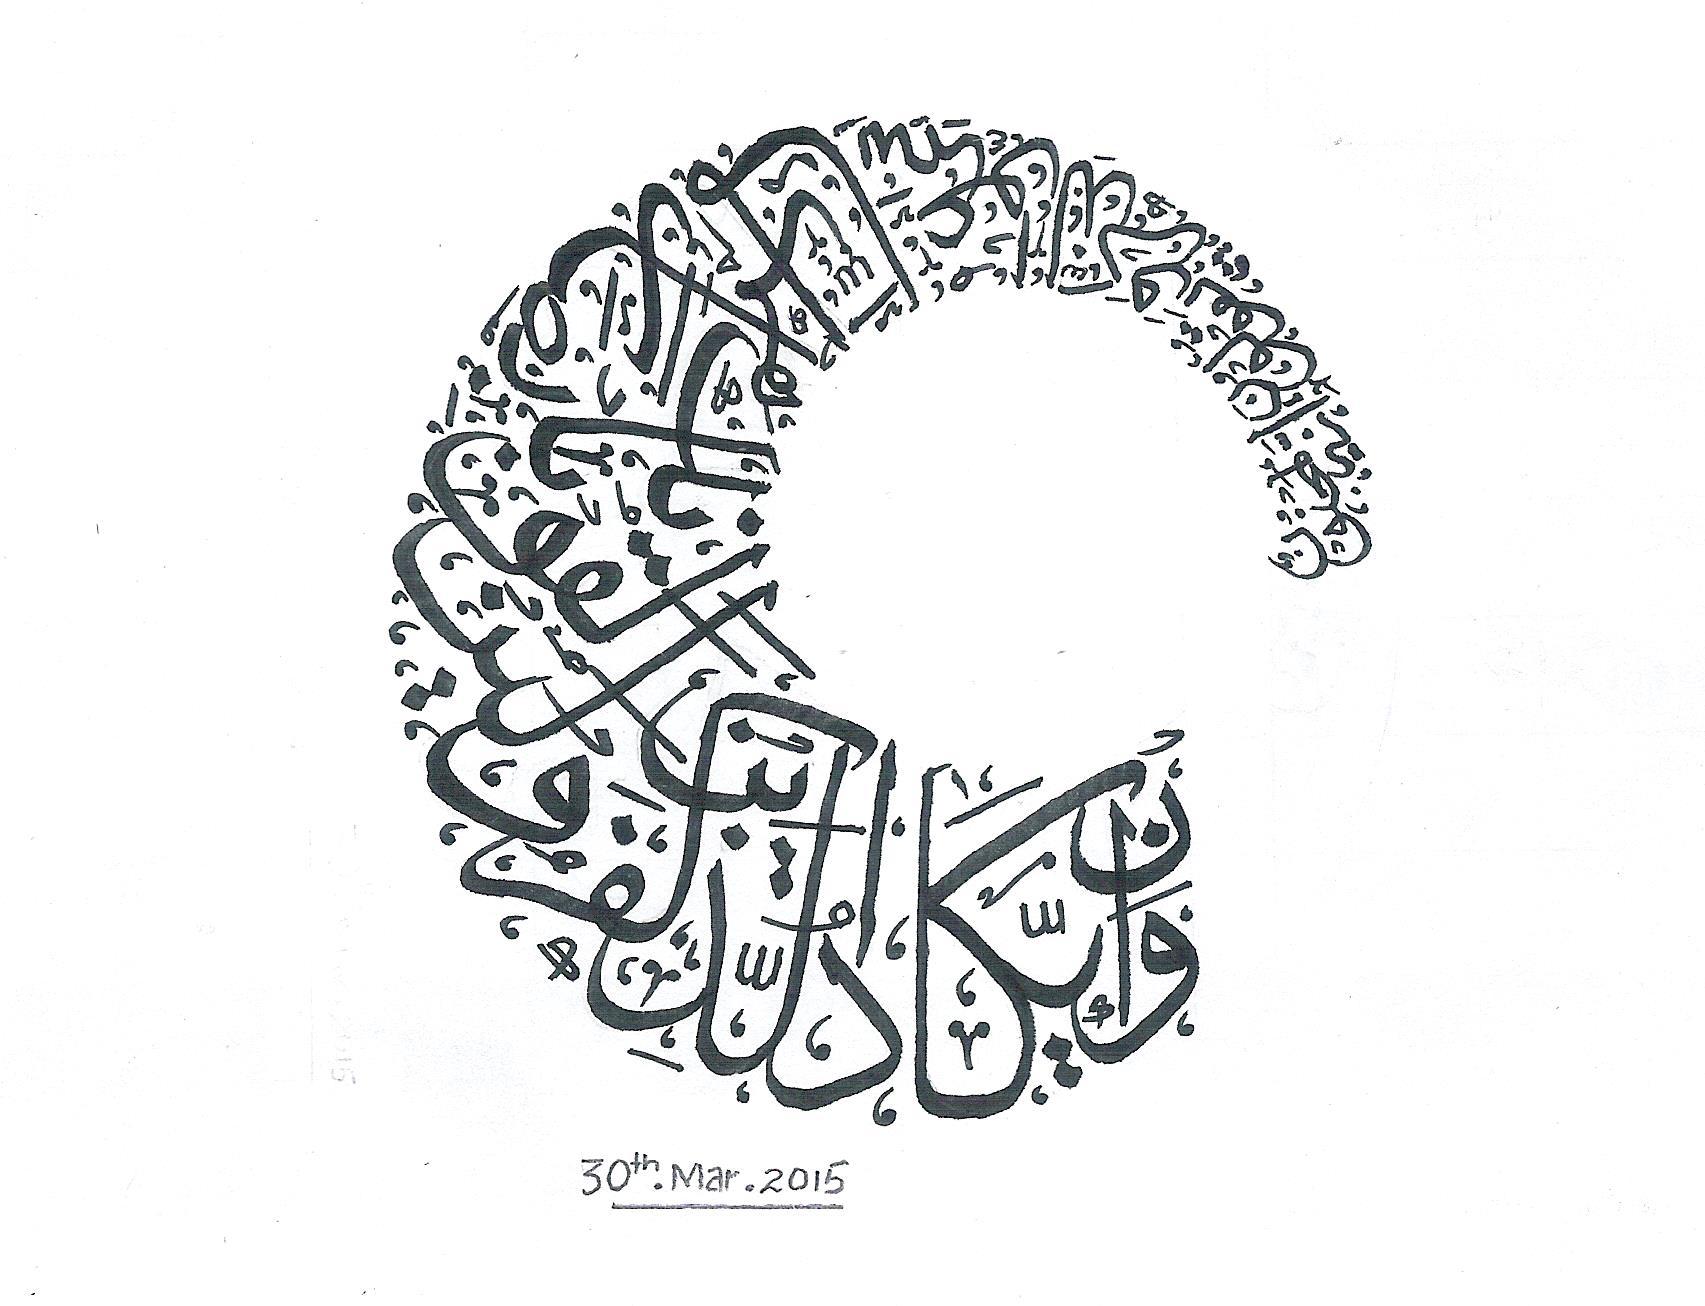 Dubai Graphic Design Scrapbook Quranic Calligraphy And